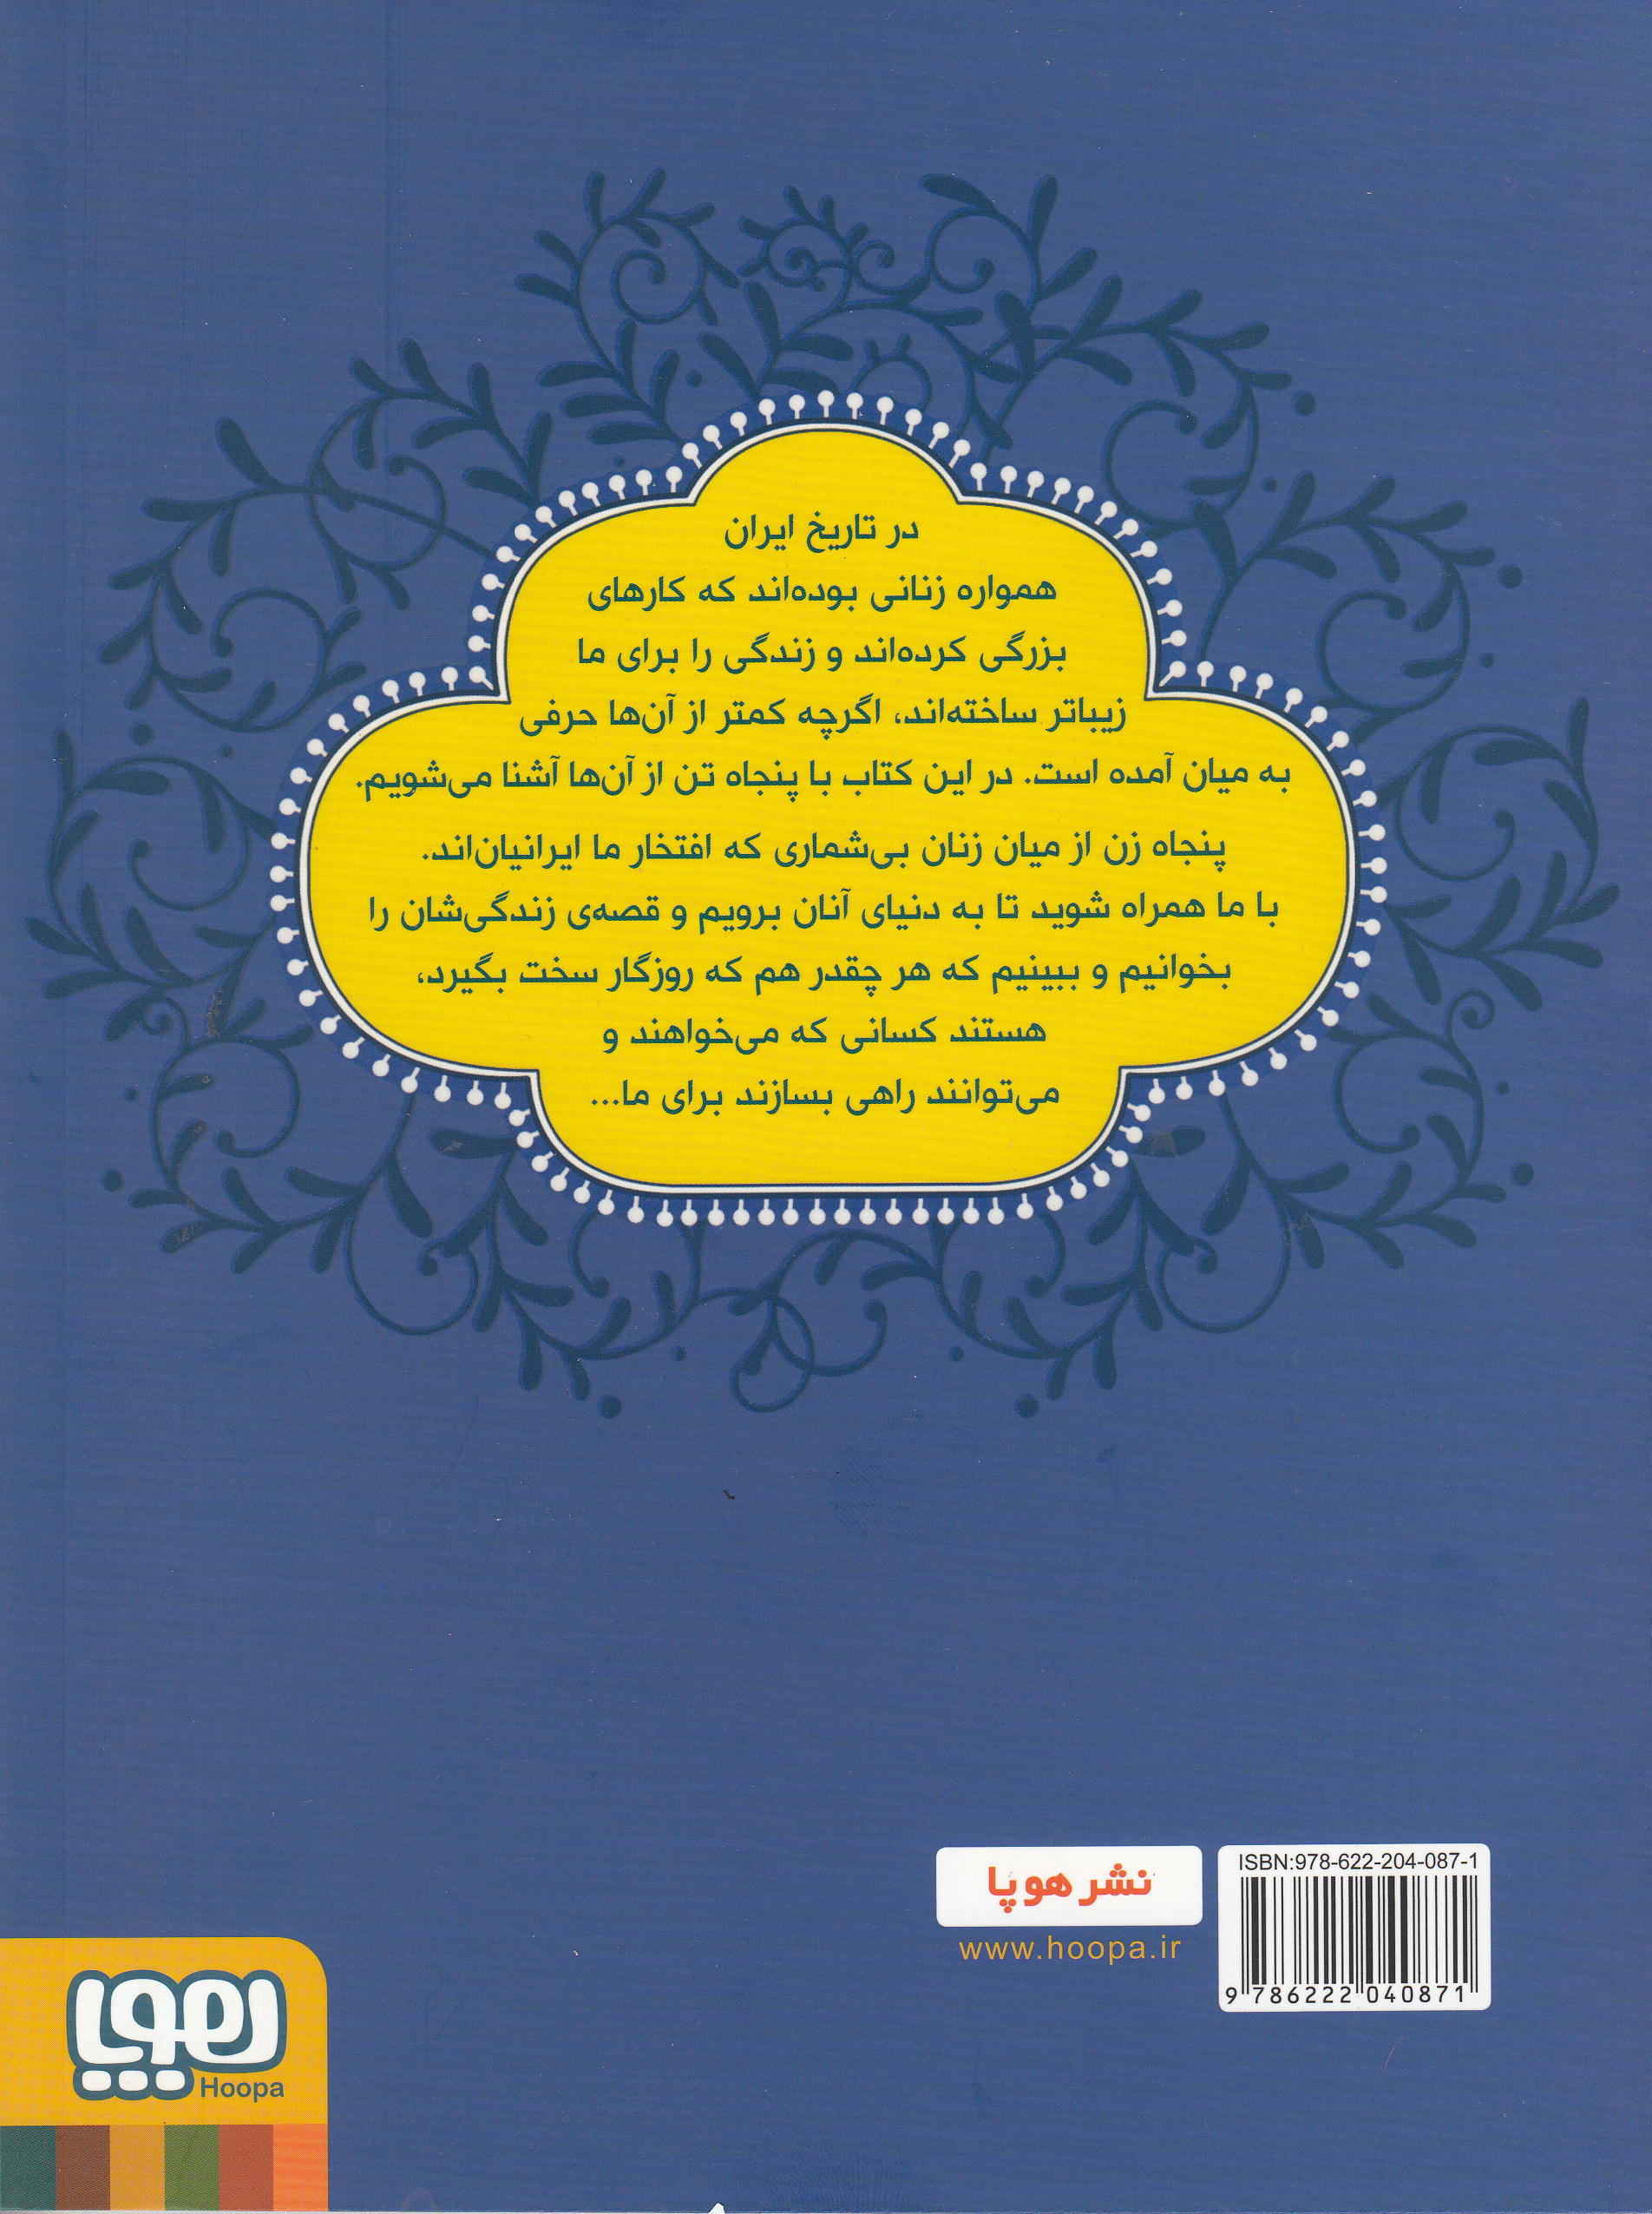 دربارۀ کتاب زنان پیشرو از نشر هوپا 1